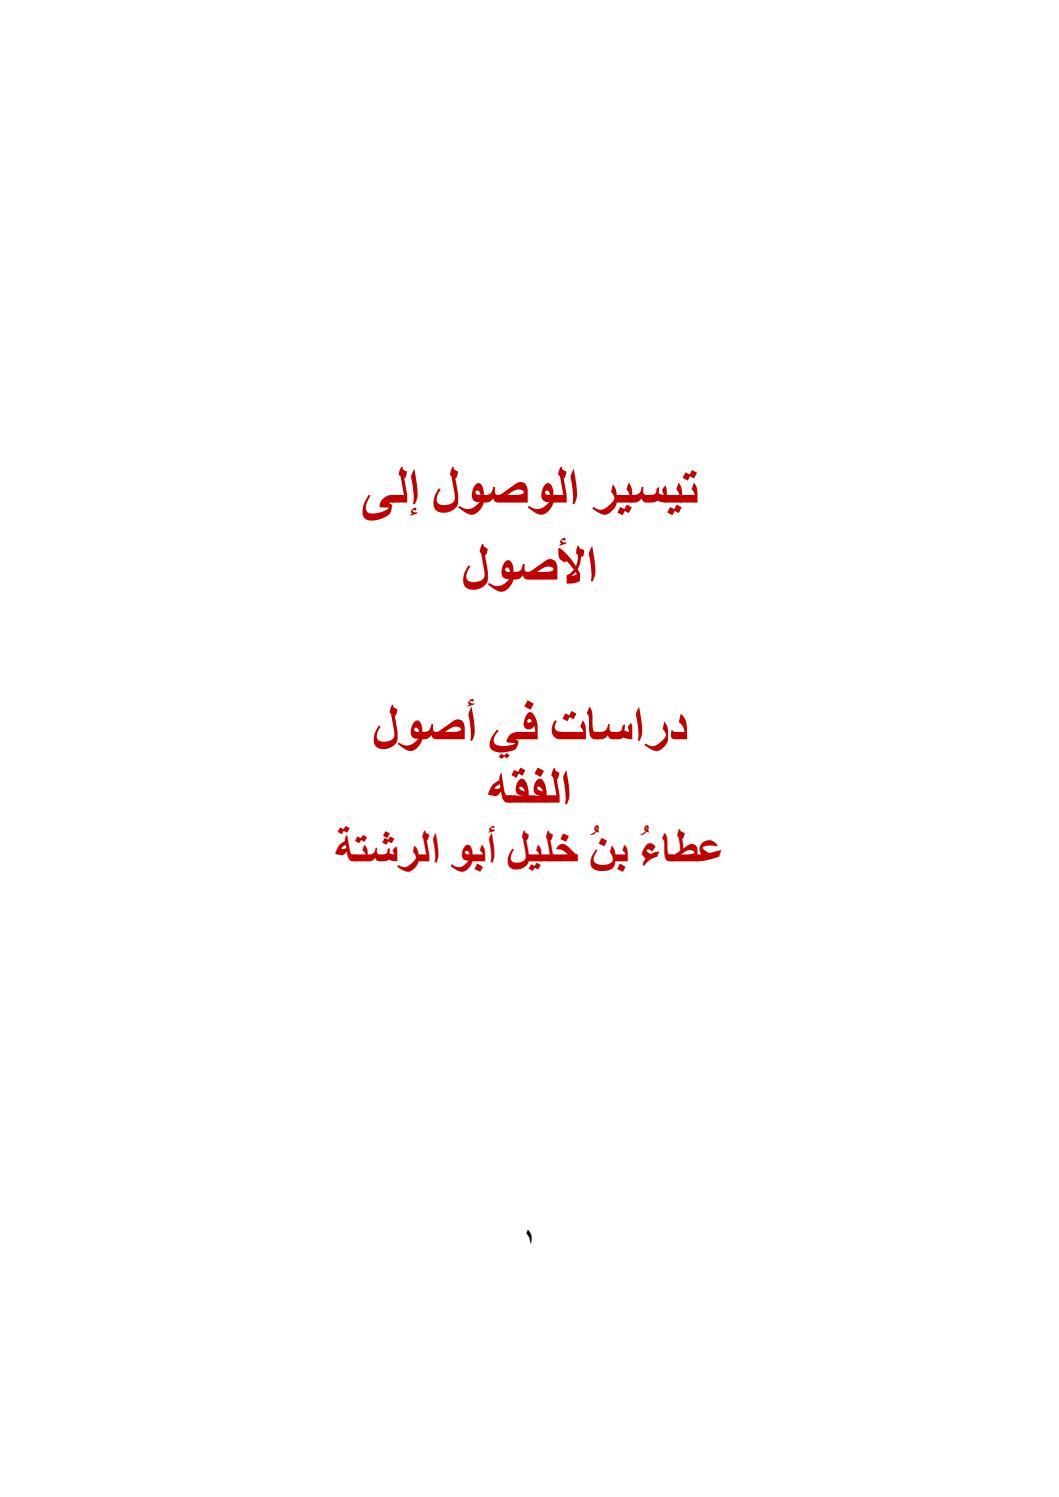 تيسير الوصول إلى الأصول By Abuqusay Ht Issuu